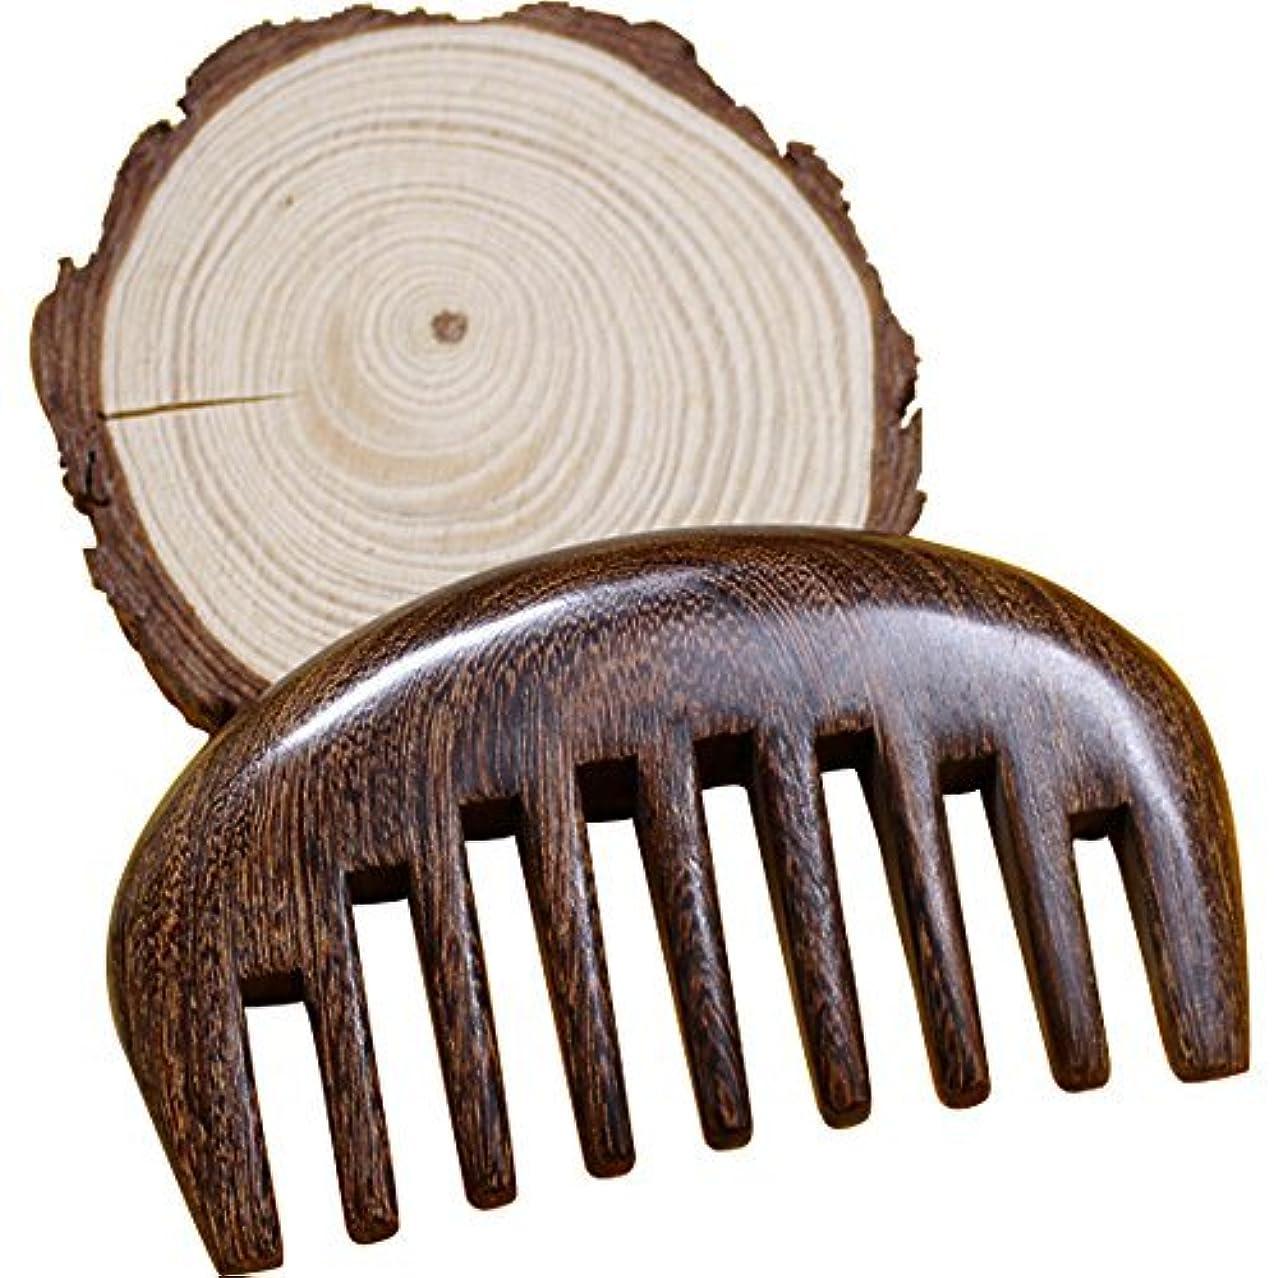 派生するなめらか助手Wood comb Wooden wide tooth hair comb detangler brush -Anti Static Sandalwood Scent handmad with gift package...